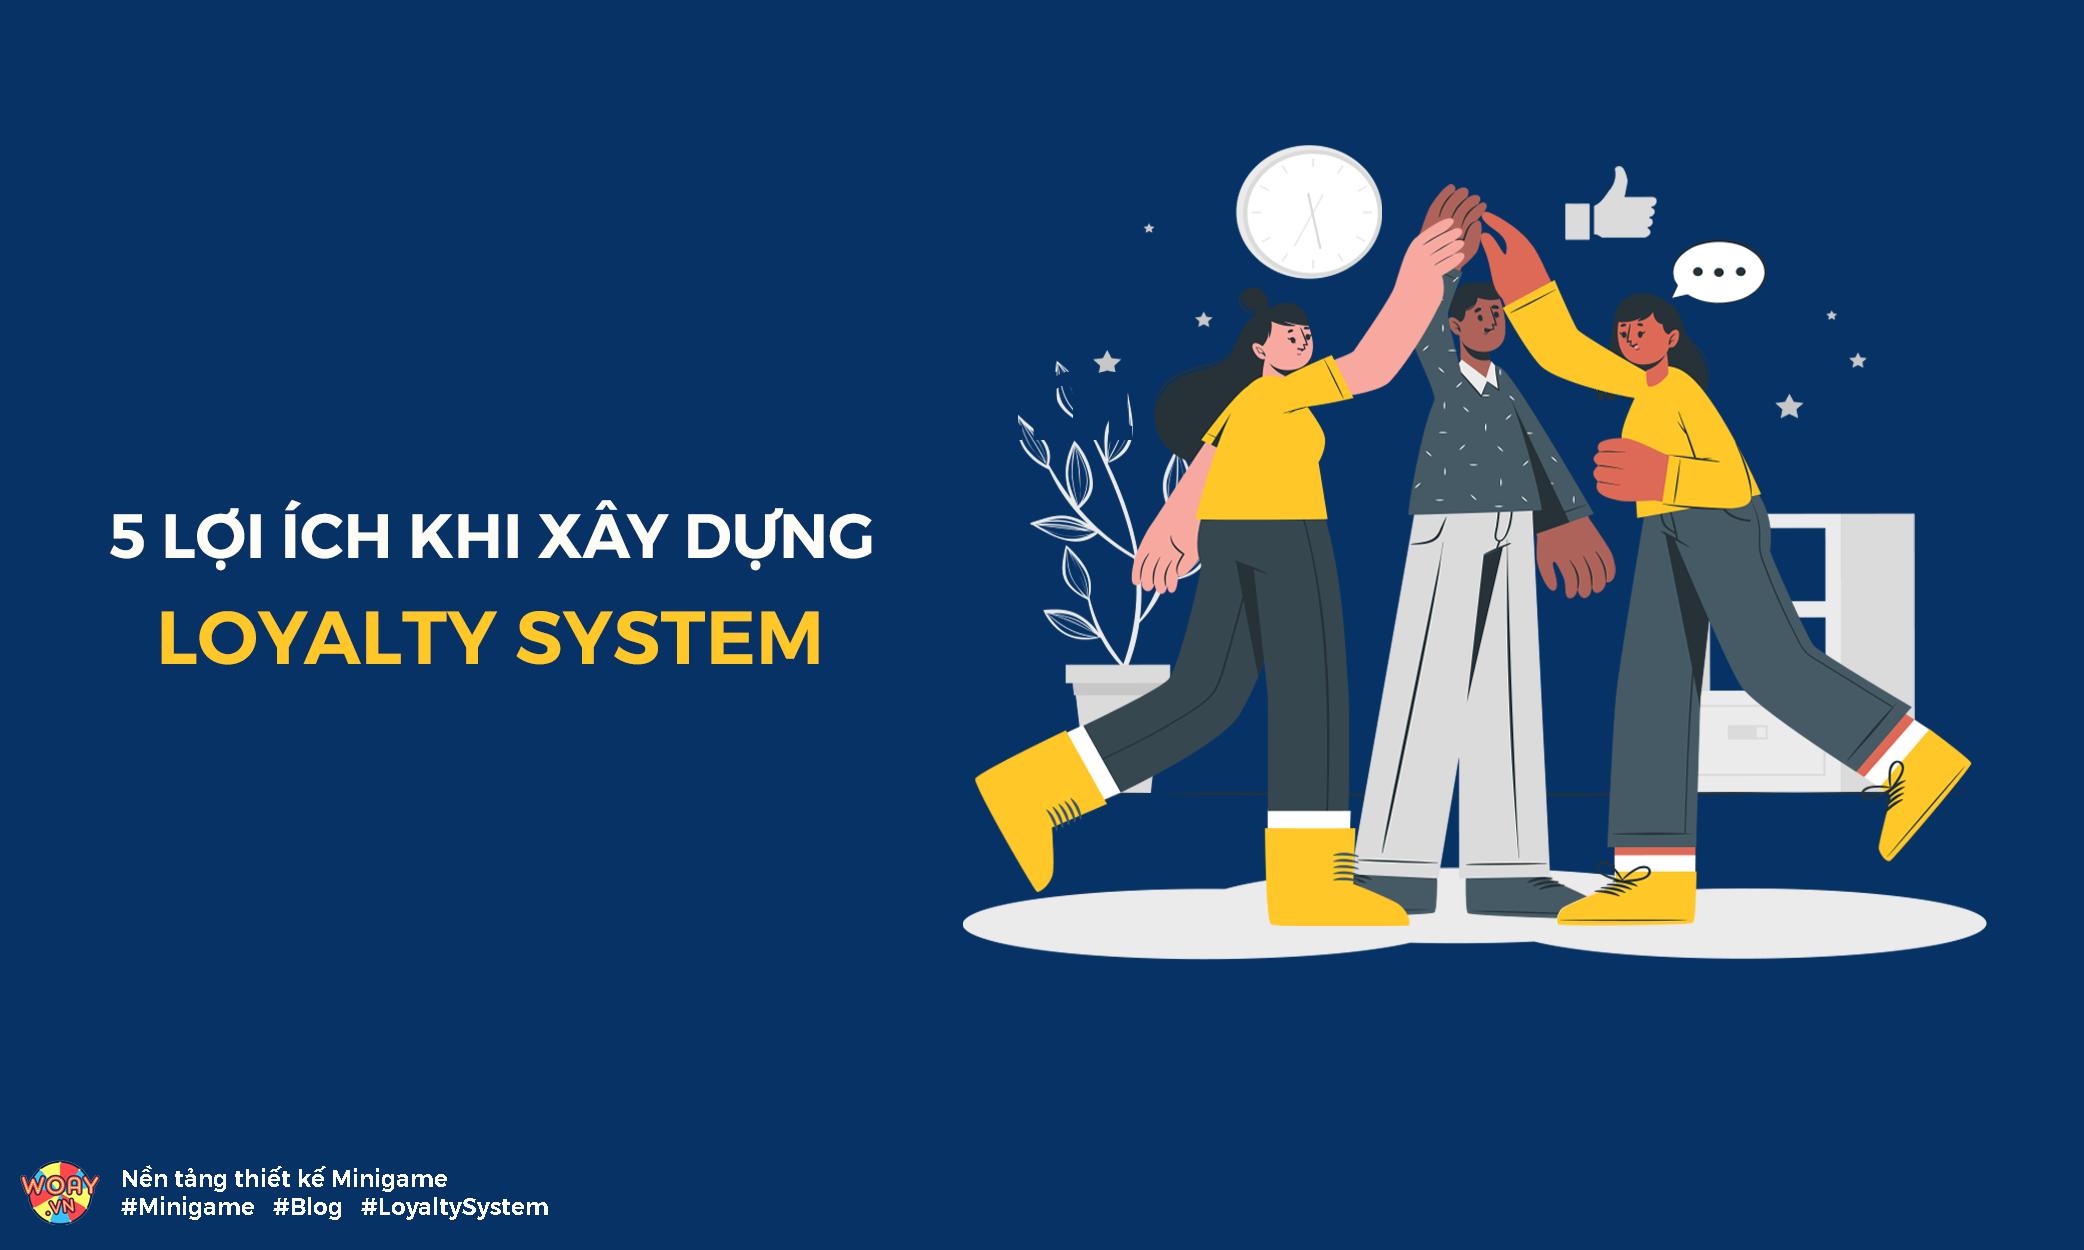 5 động lực cho thương hiệu khi xây dựng Loyalty System